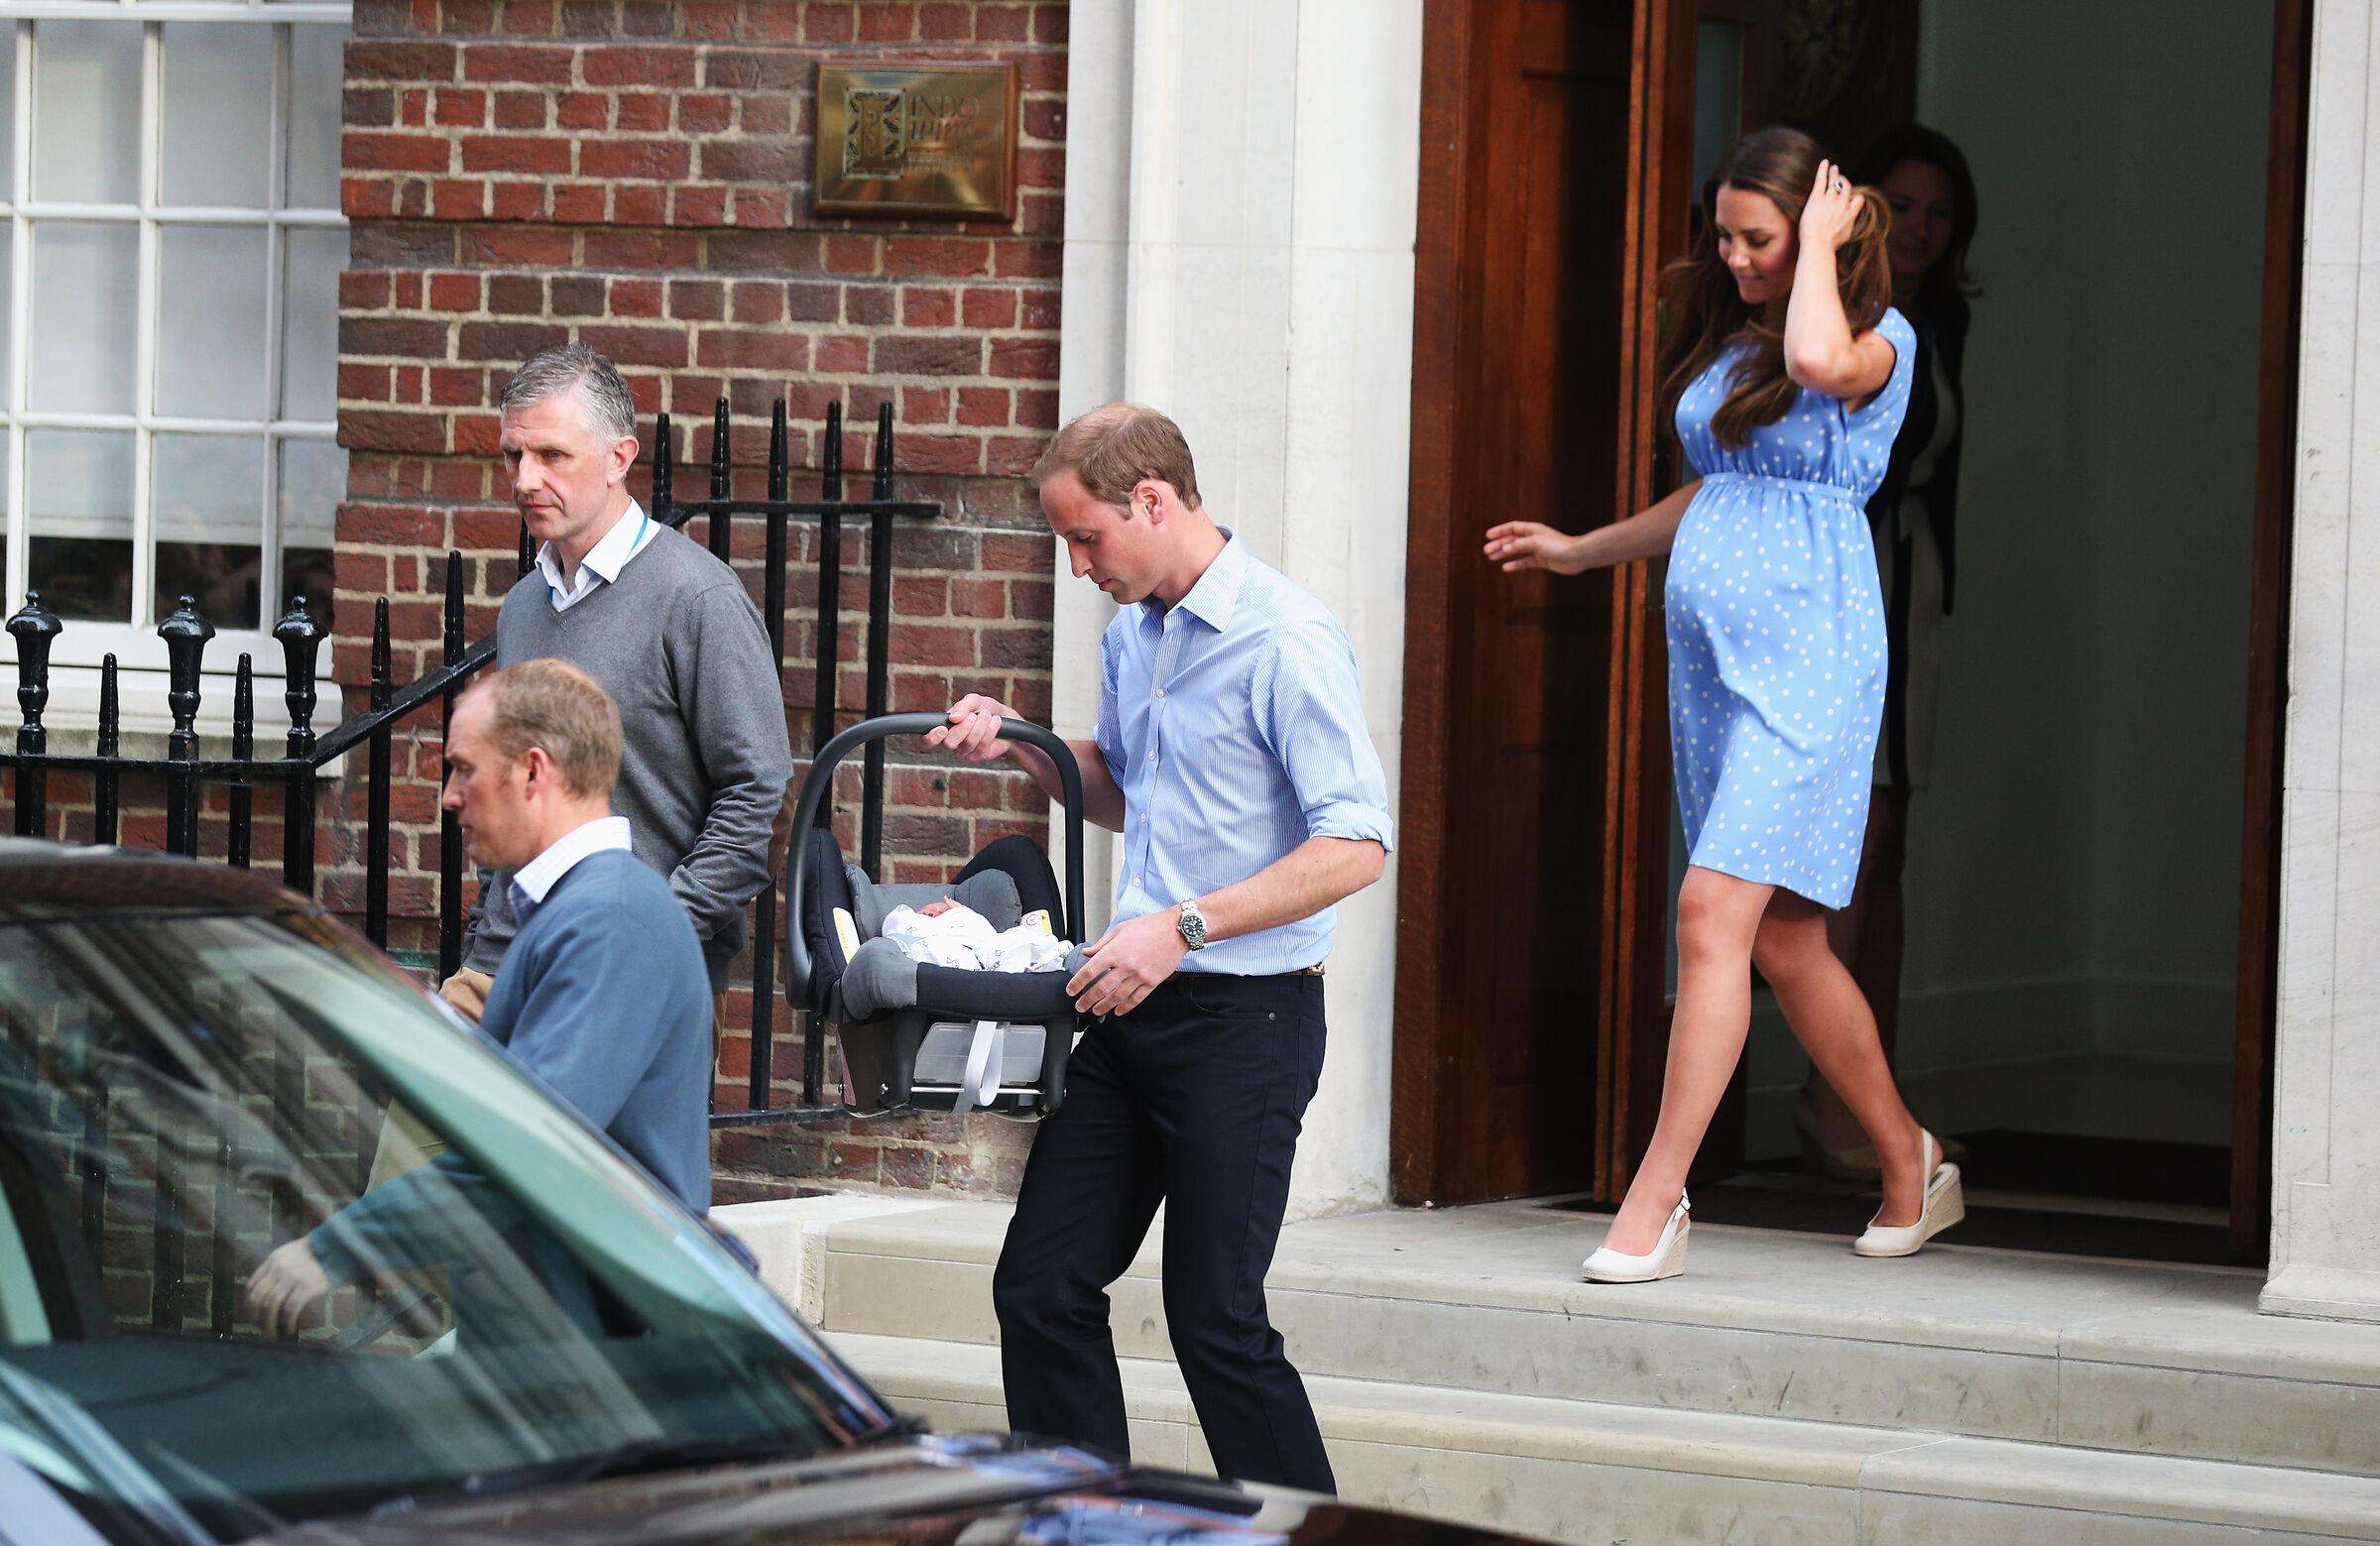 Kate Middleton e príncipe William deixando a maternidade após o nascimento de George